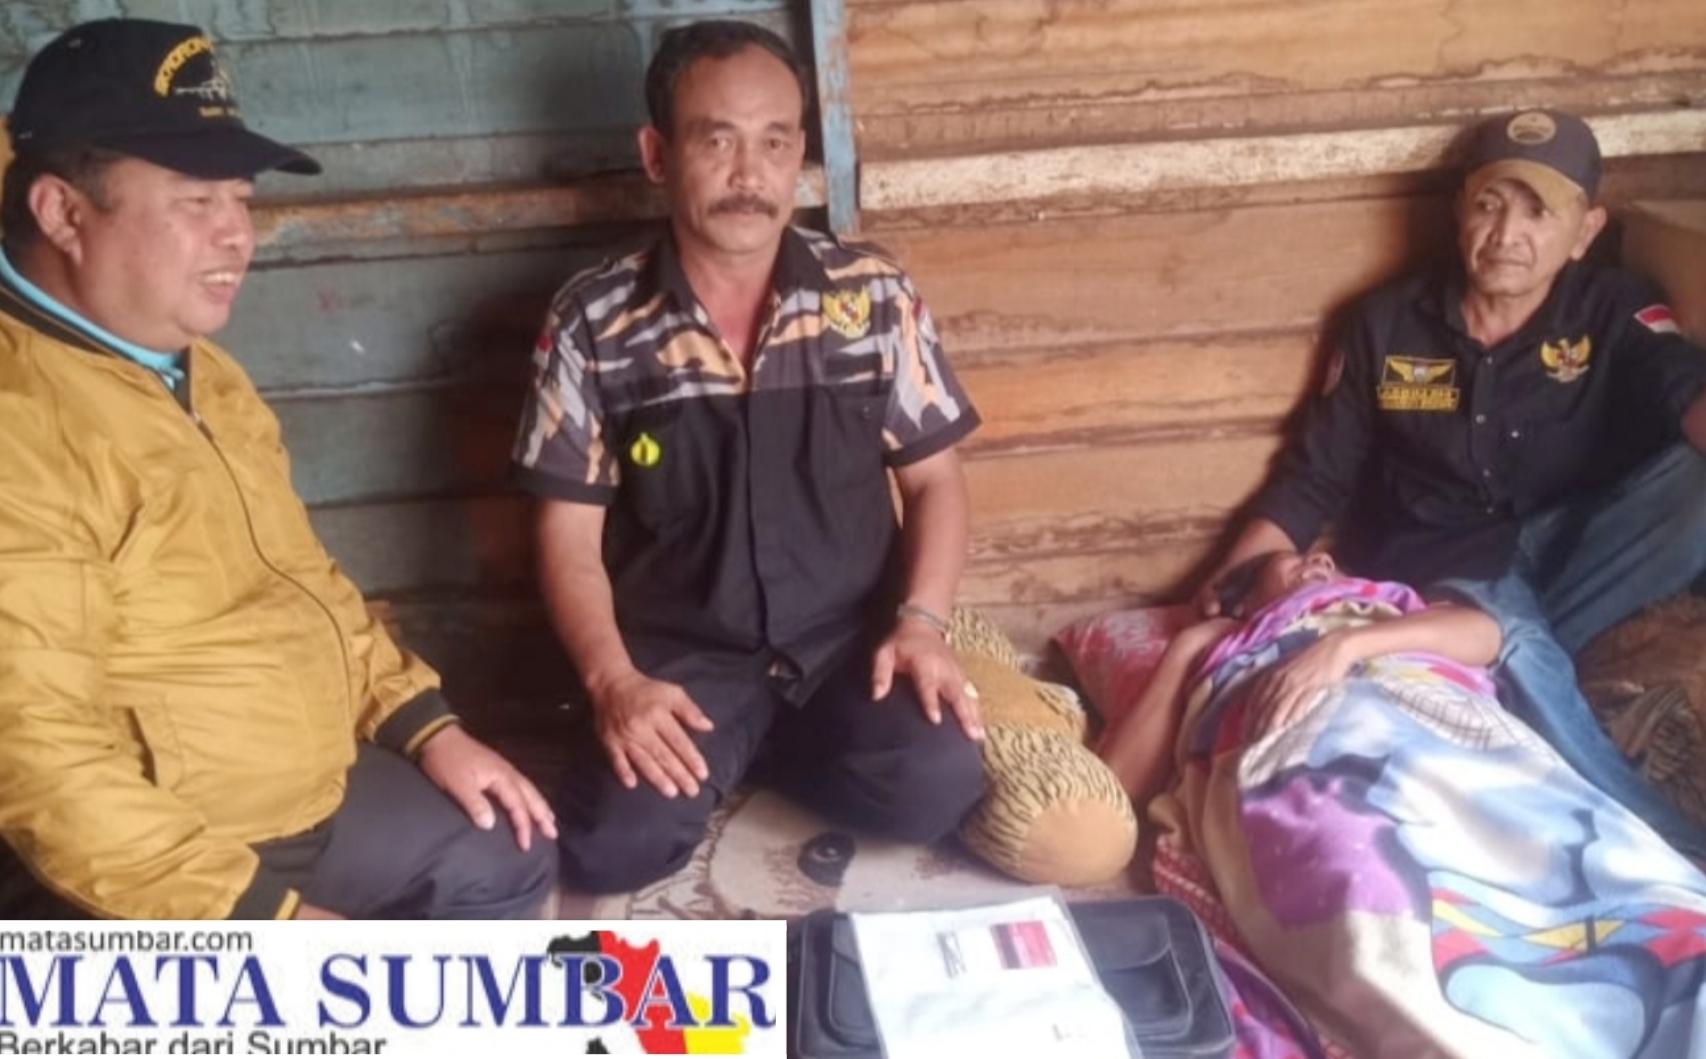 Peduli Sesama, Ketua DPD Pekat IB 50 Kota Sambangi Warga Penderita Stroke Sekaligus Berikan Bantuan